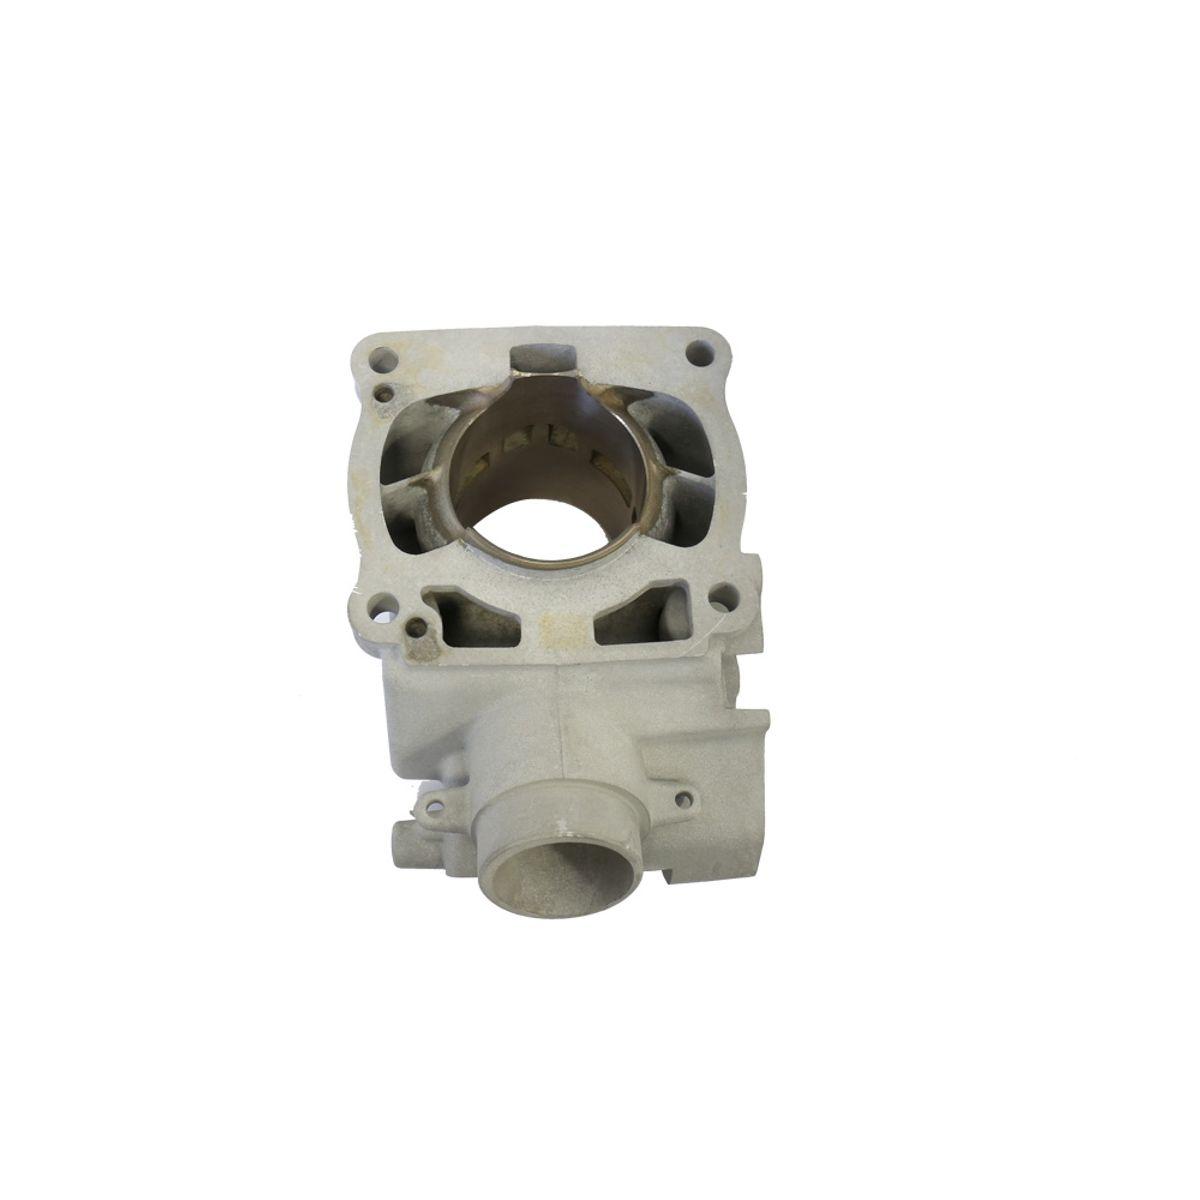 Athena S4C05800002B Kit Pistone Diametro 57.95